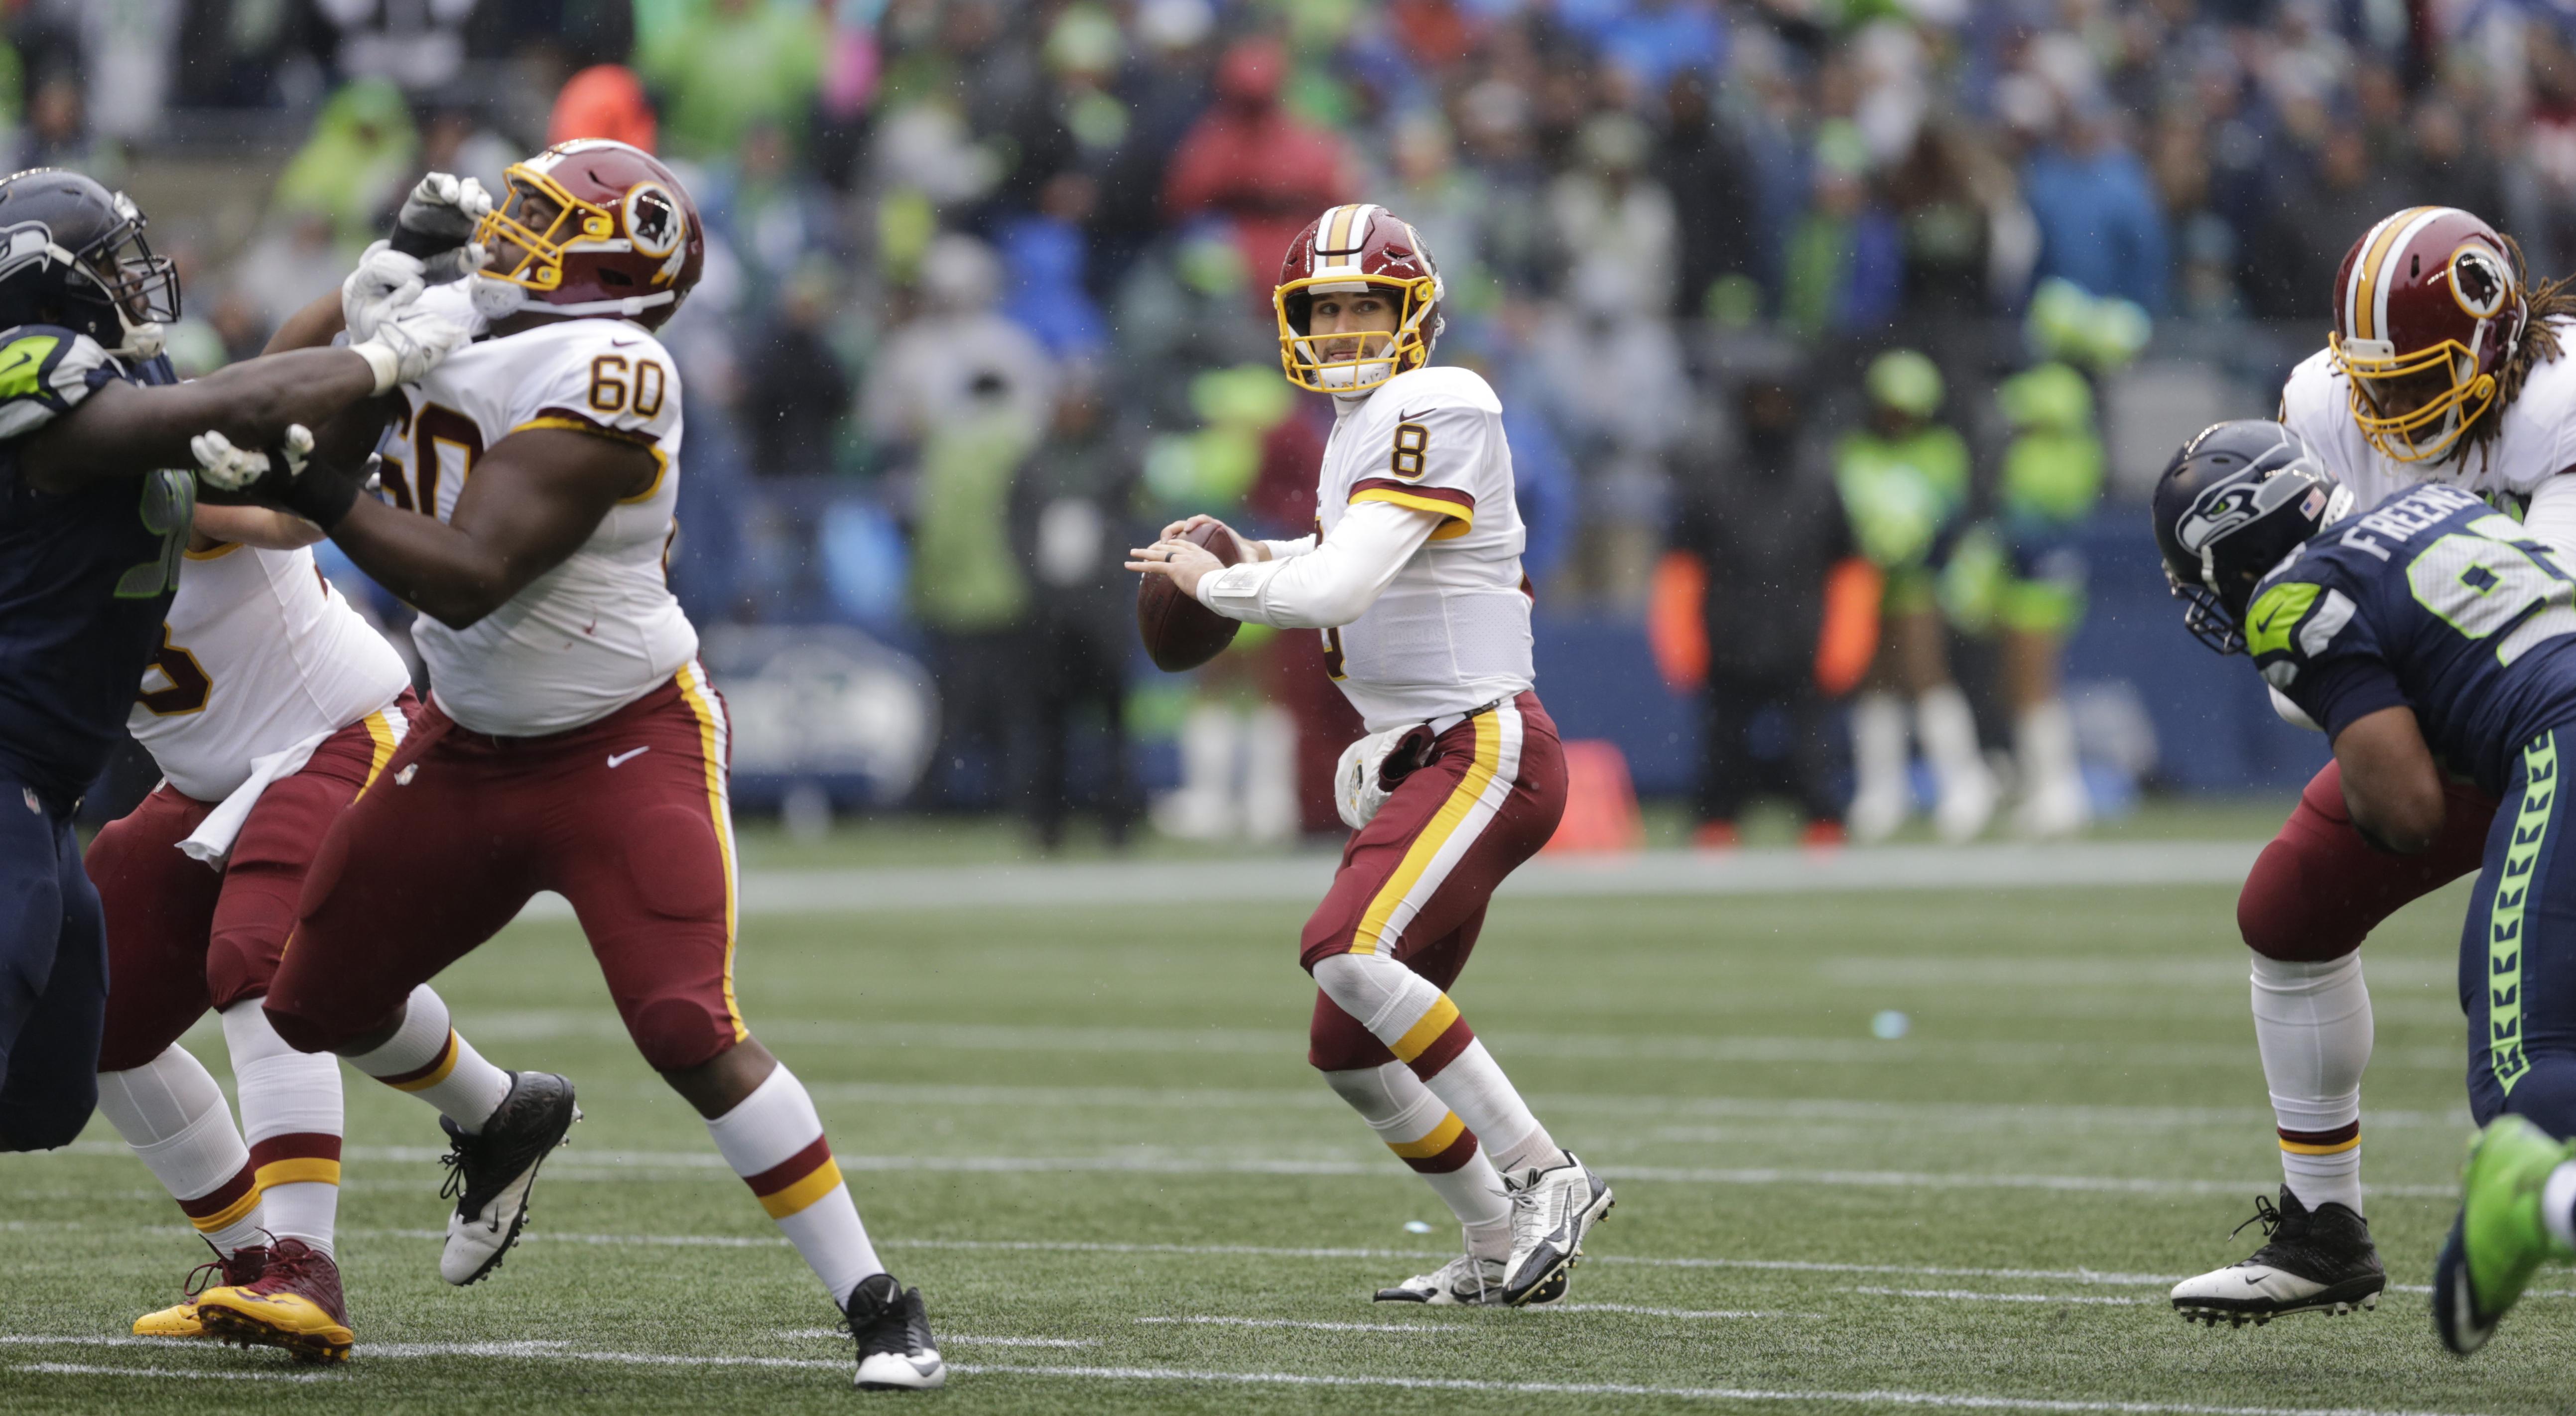 Redskins_seahawks_football_74517.jpg-3c696